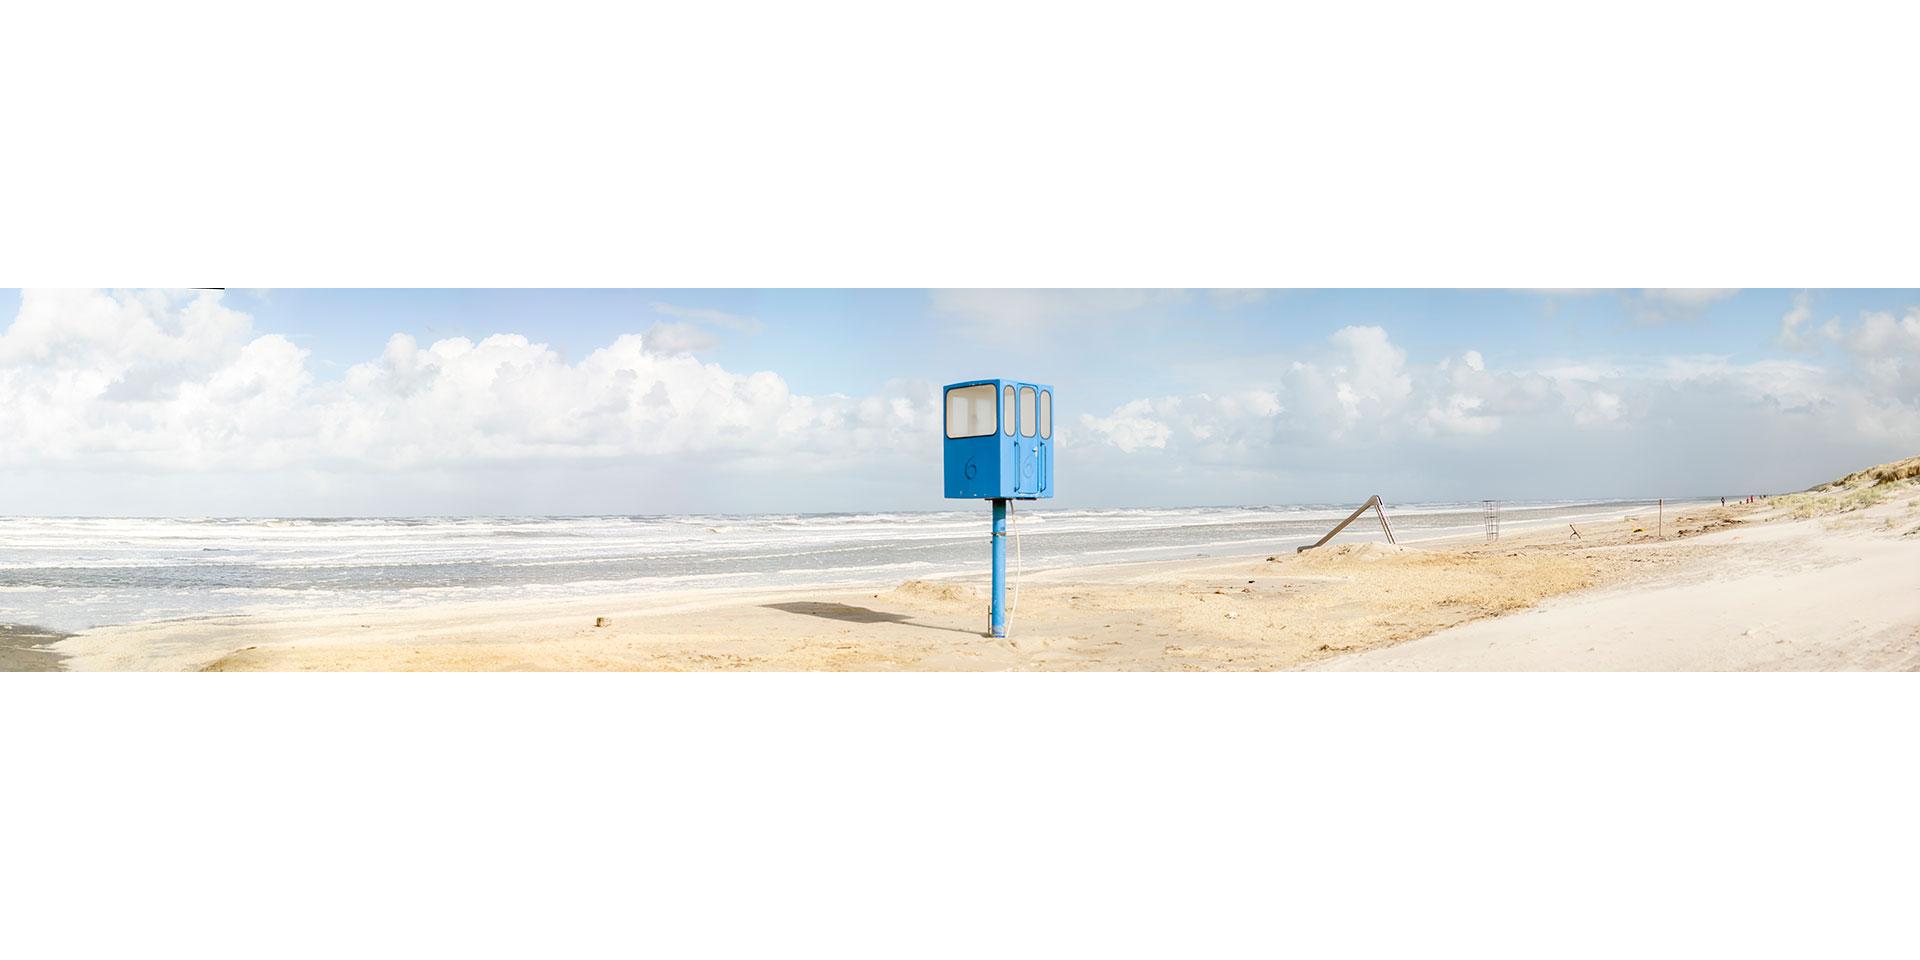 Juist Strand - Nordsee - Deutschland